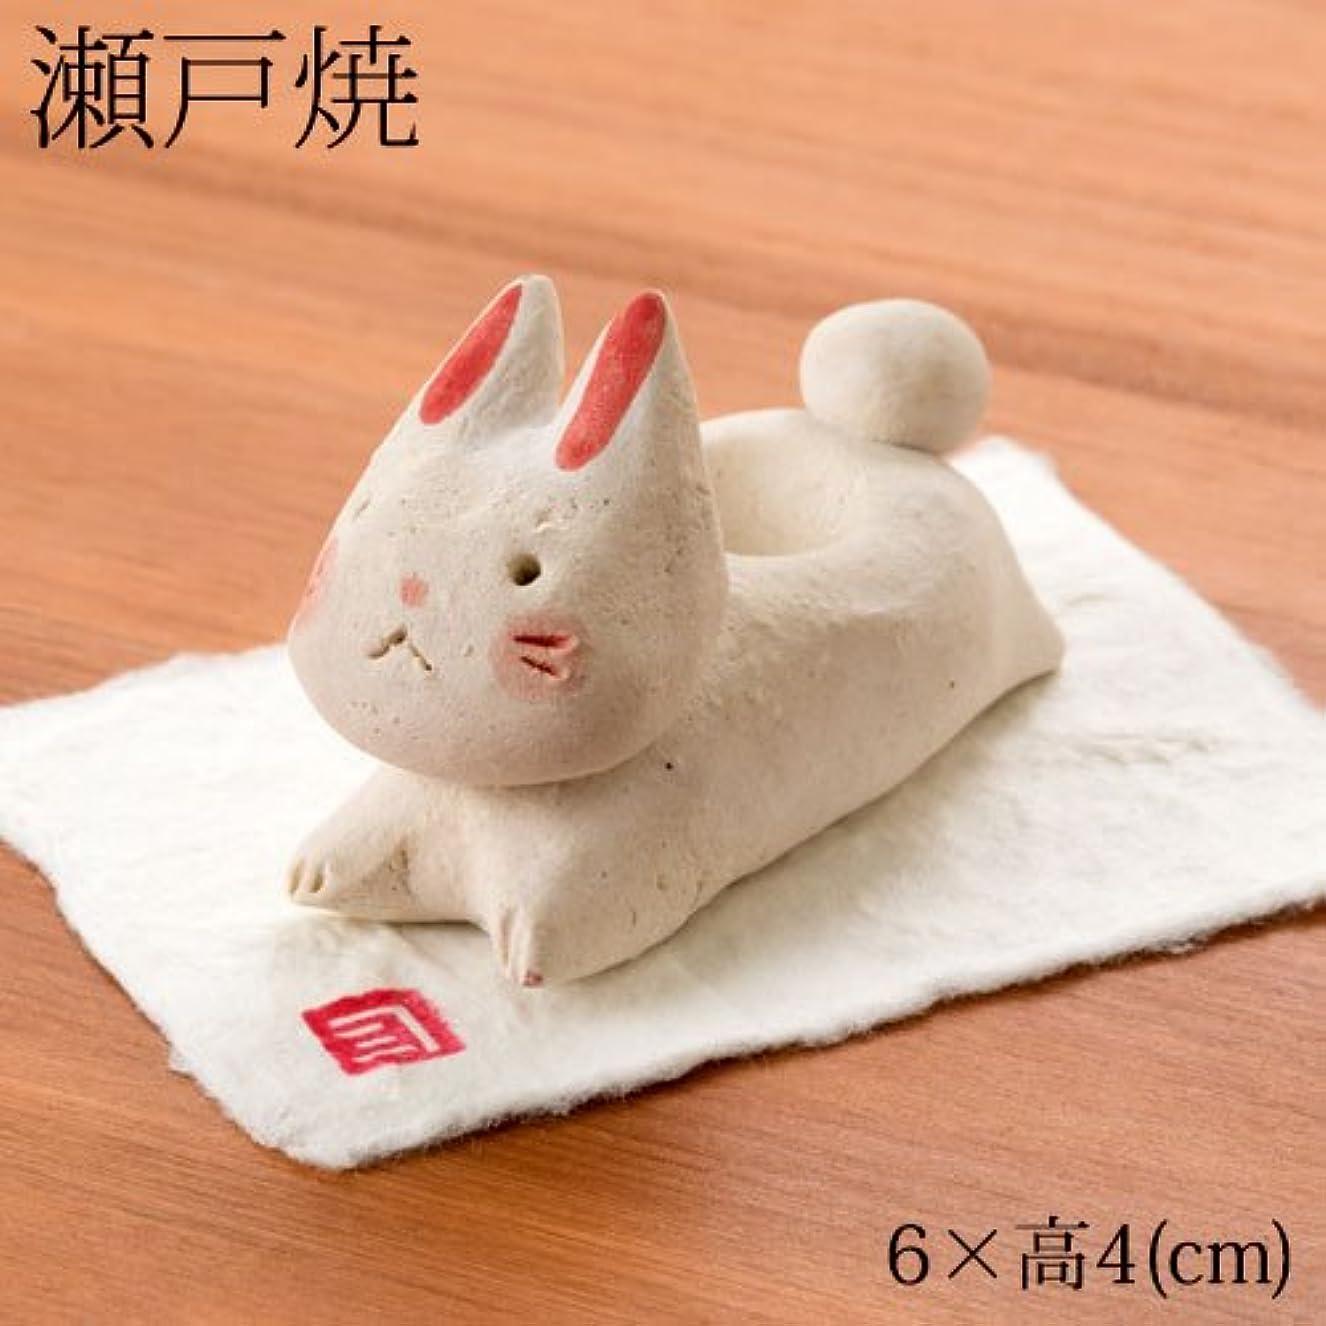 粘り強いコンパイルクスコ瀬戸焼兎アロマストーン (K6302)愛知県の工芸品Seto-yaki Aroma stone, Aichi craft